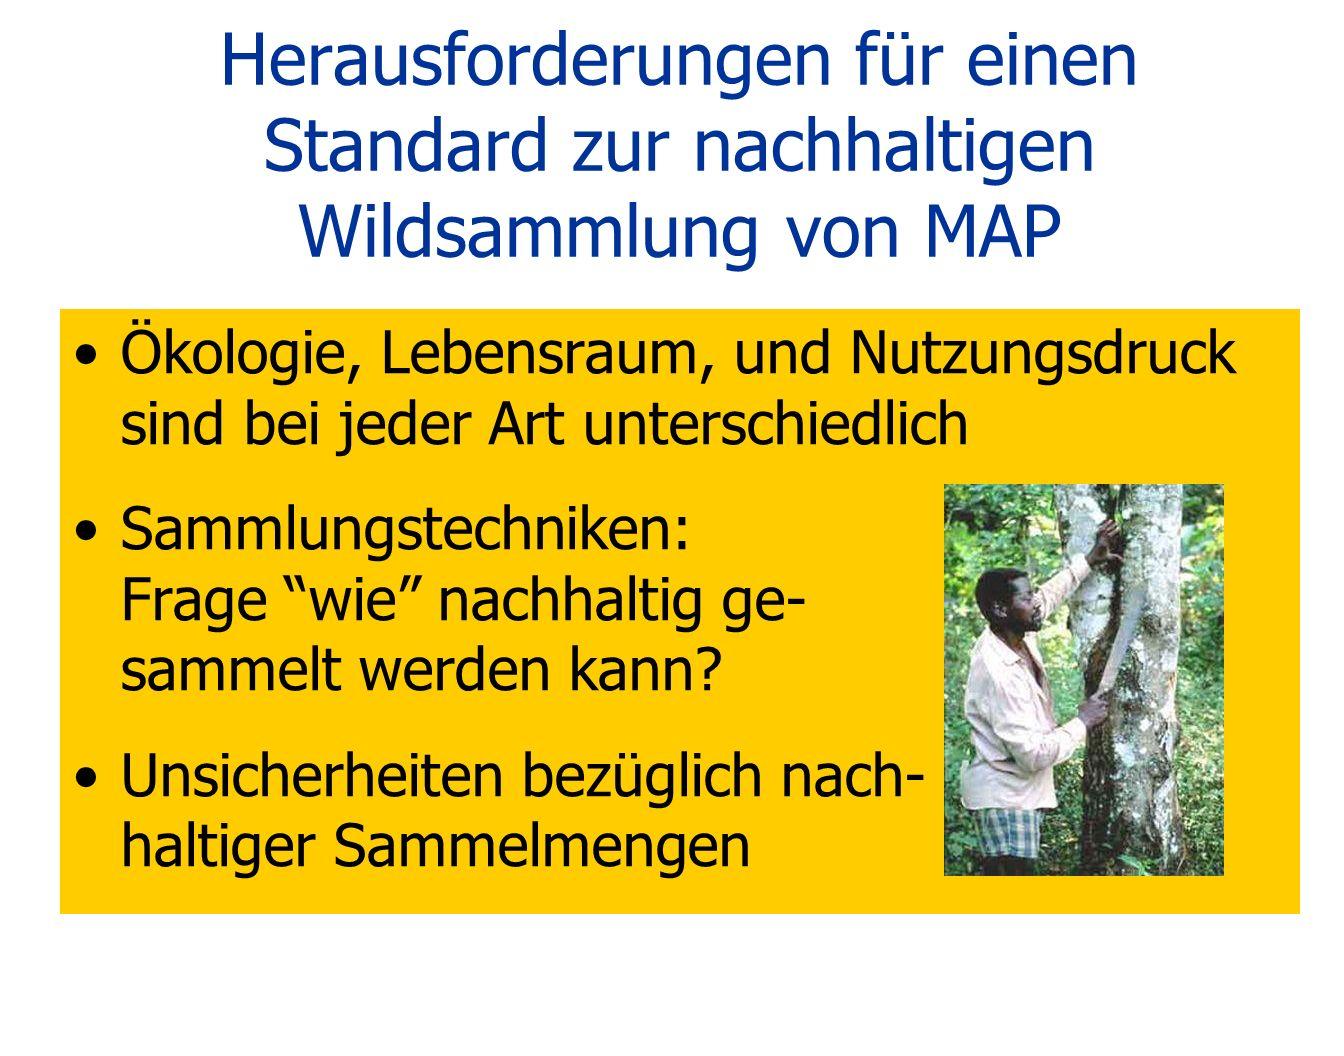 Herausforderungen für einen Standard zur nachhaltigen Wildsammlung von MAP Ökologie, Lebensraum, und Nutzungsdruck sind bei jeder Art unterschiedlich